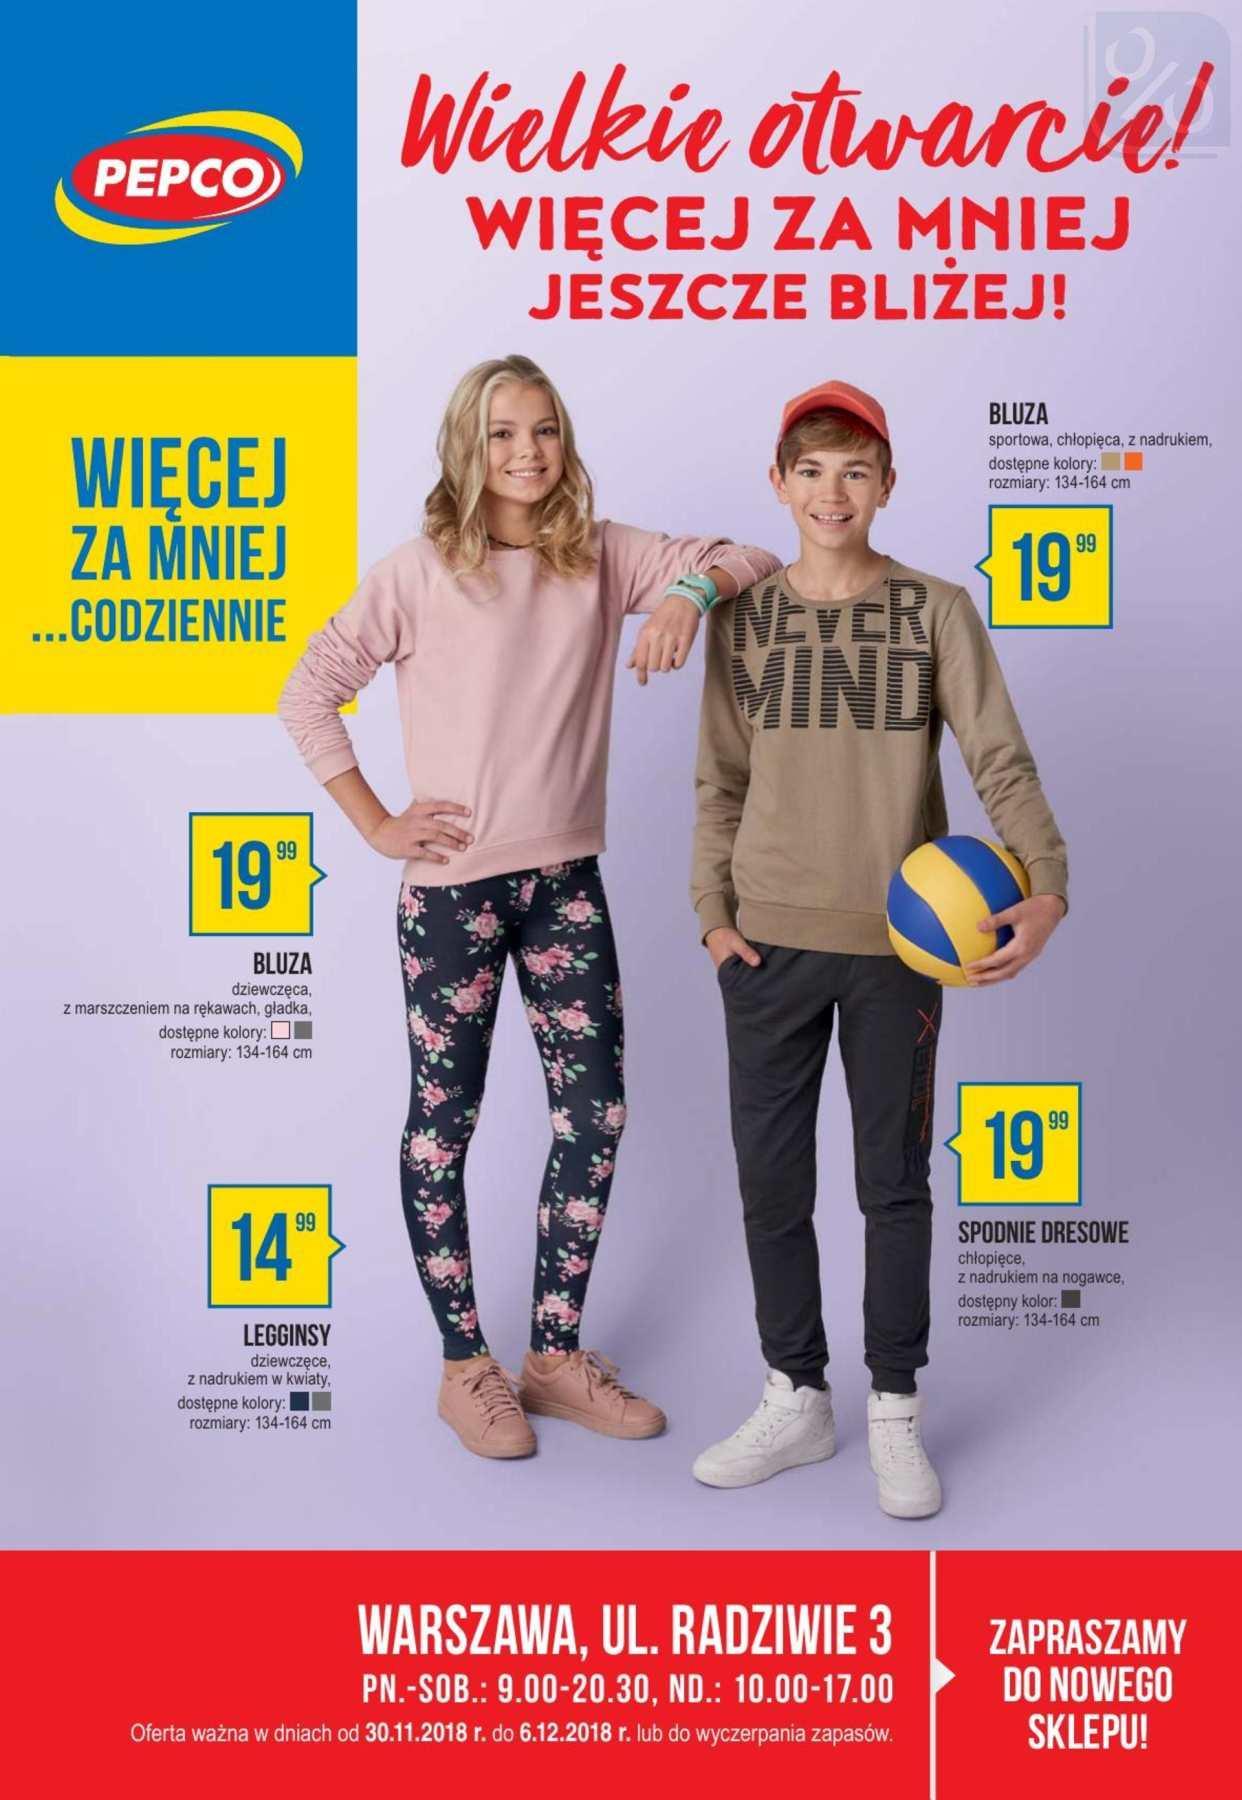 Gazetka promocyjna Pepco do 06/12/2018 str.1